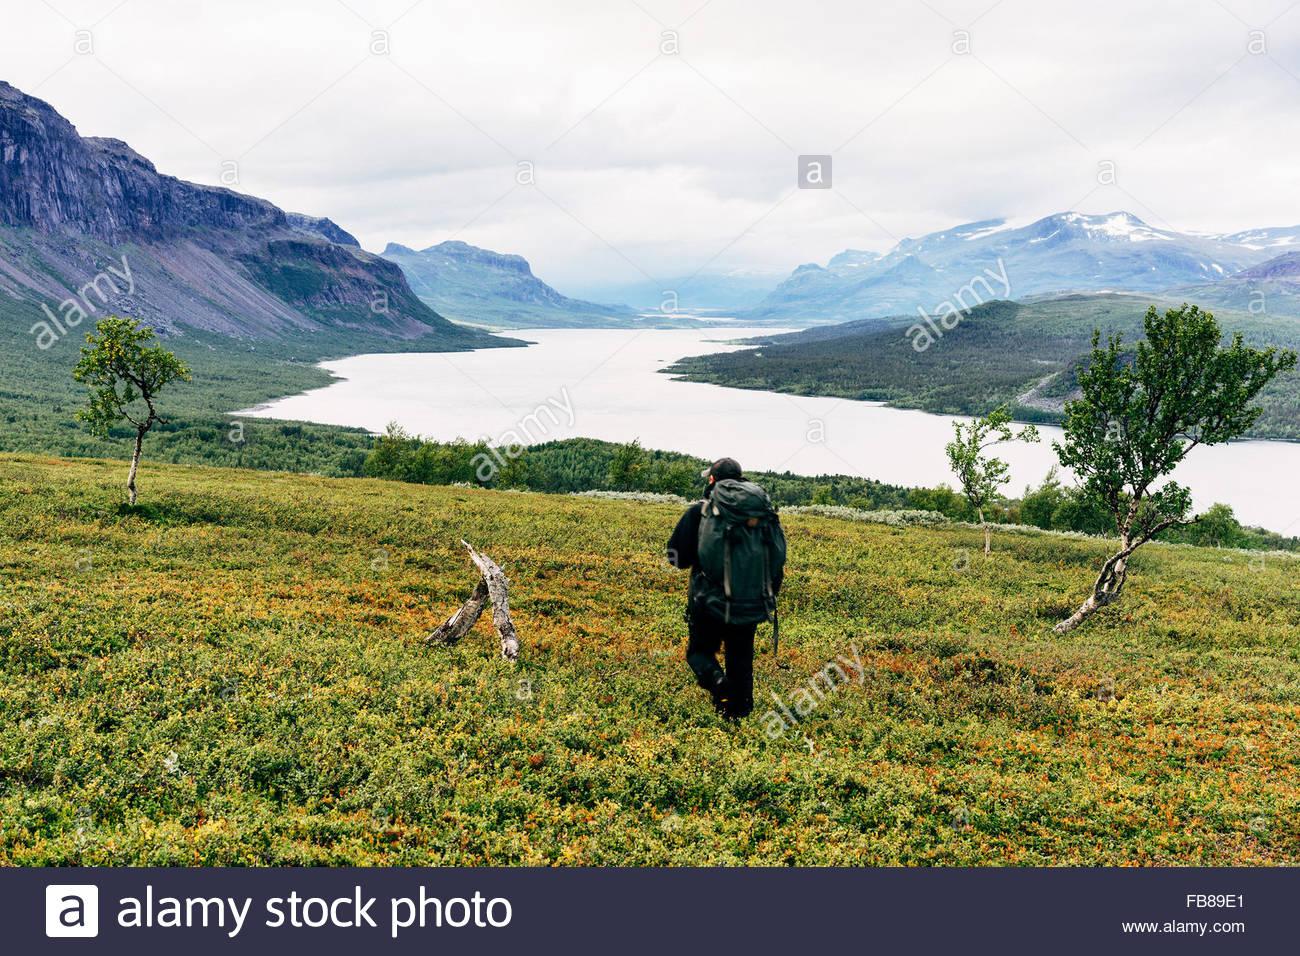 Schweden, Lappland, Saltoluokta, Kungsleden, männliche Wanderer im Hochtal Stockbild